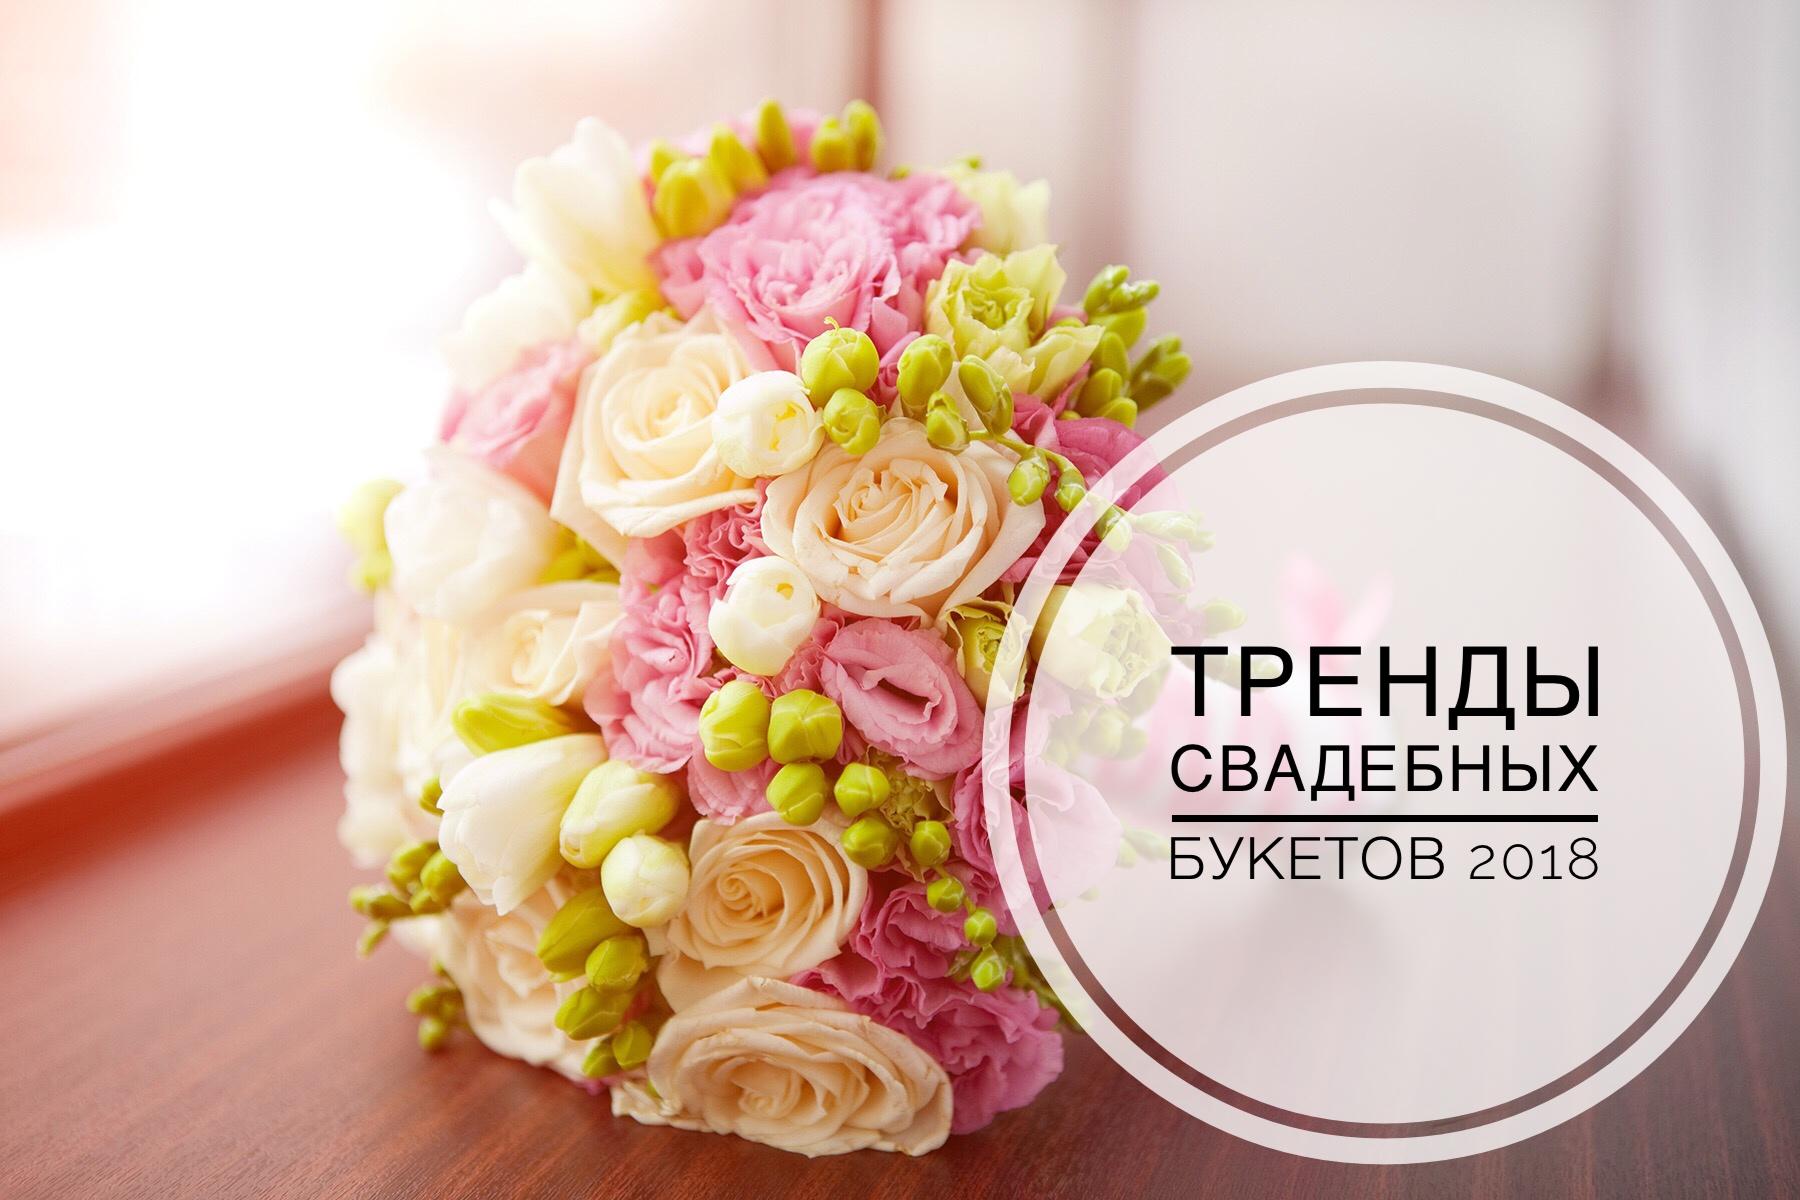 свадебный букет невесты тренды 2018 фотограф Алия Валеева